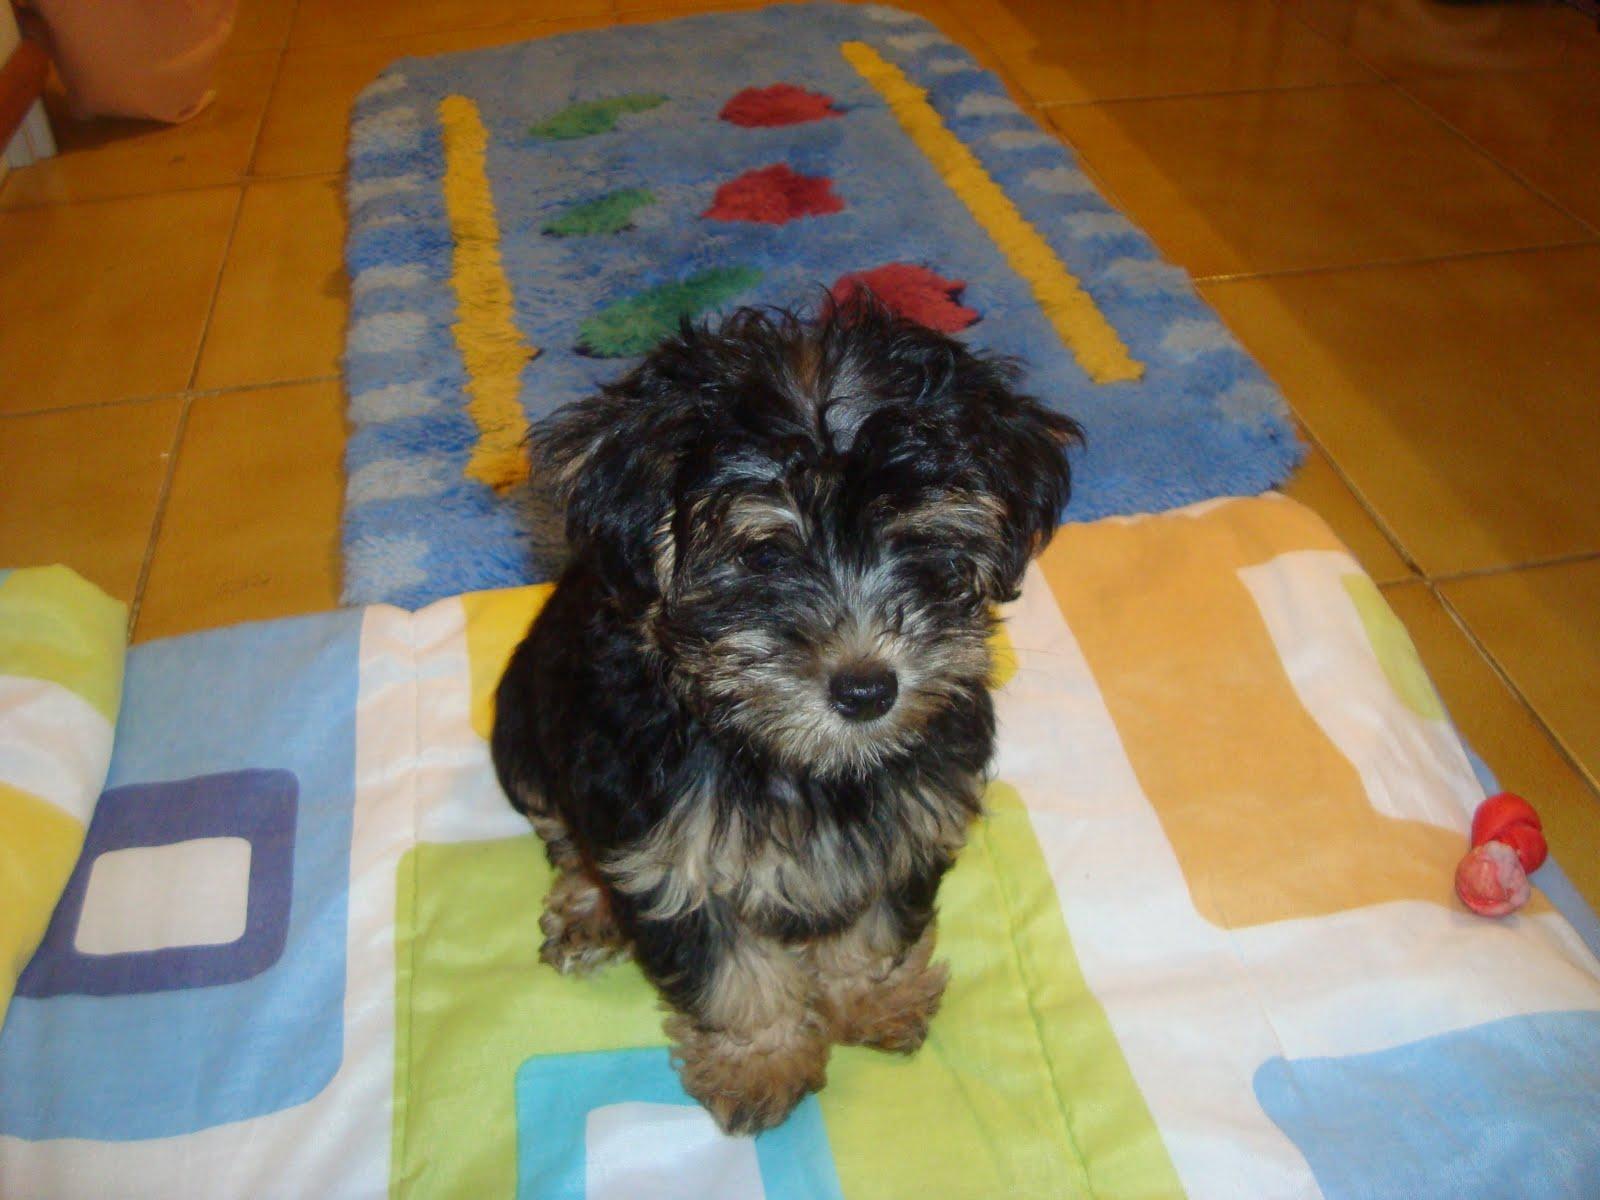 Lu Estética: Curiosidades sobre os cães #773D08 1600x1200 Banheiro Cachorro Grama